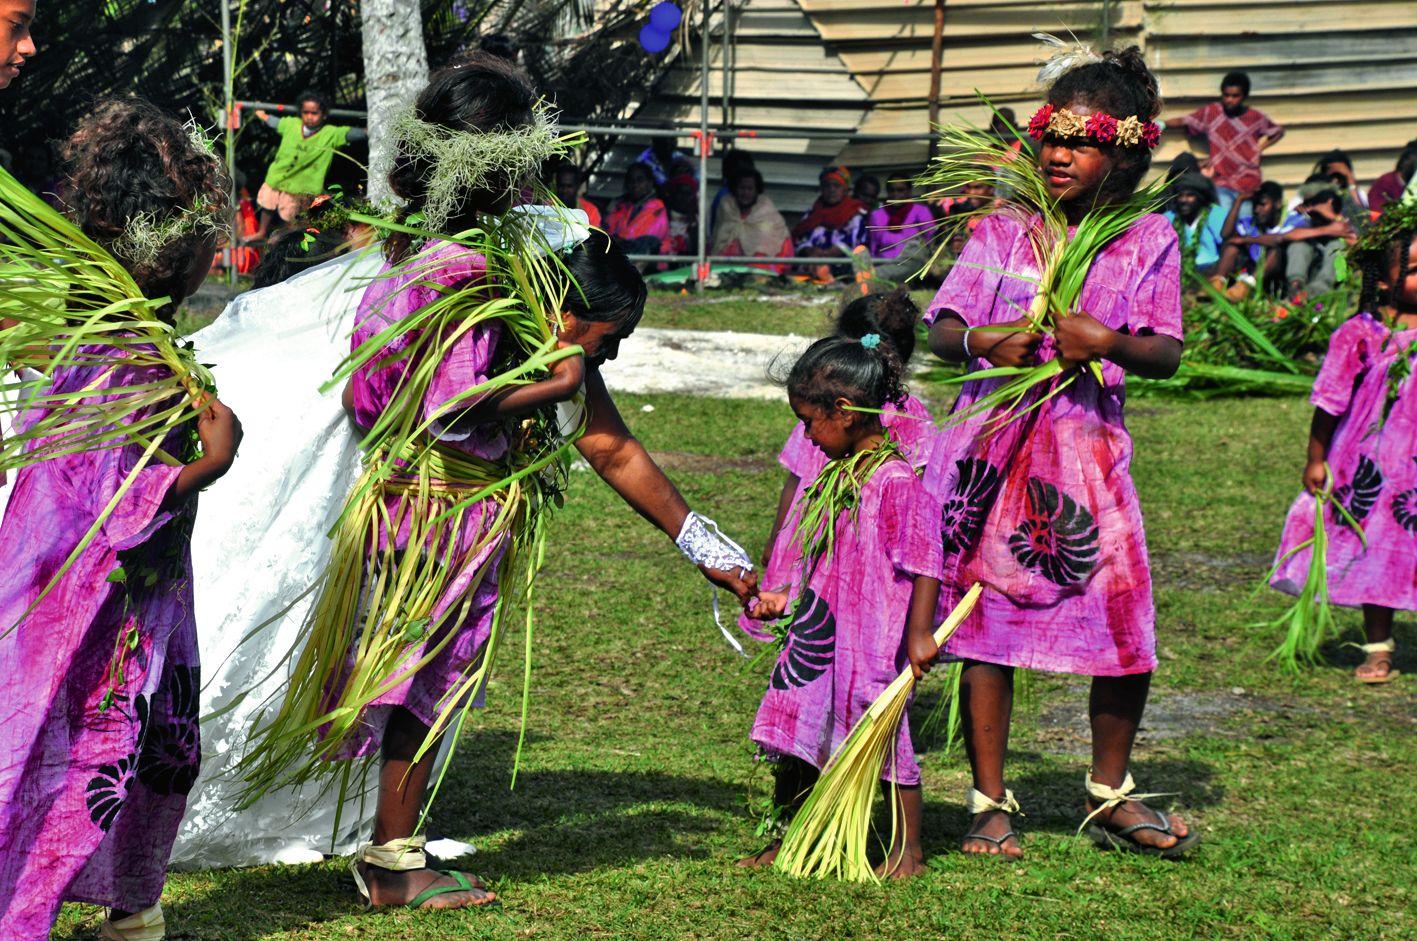 Honneur aux enfants de l'île, les festivités ont commencé par les petites des écoles de Cengeité-Tadine qui ont offert danses et chants traditionnels, encouragés entre autres par la mariée.